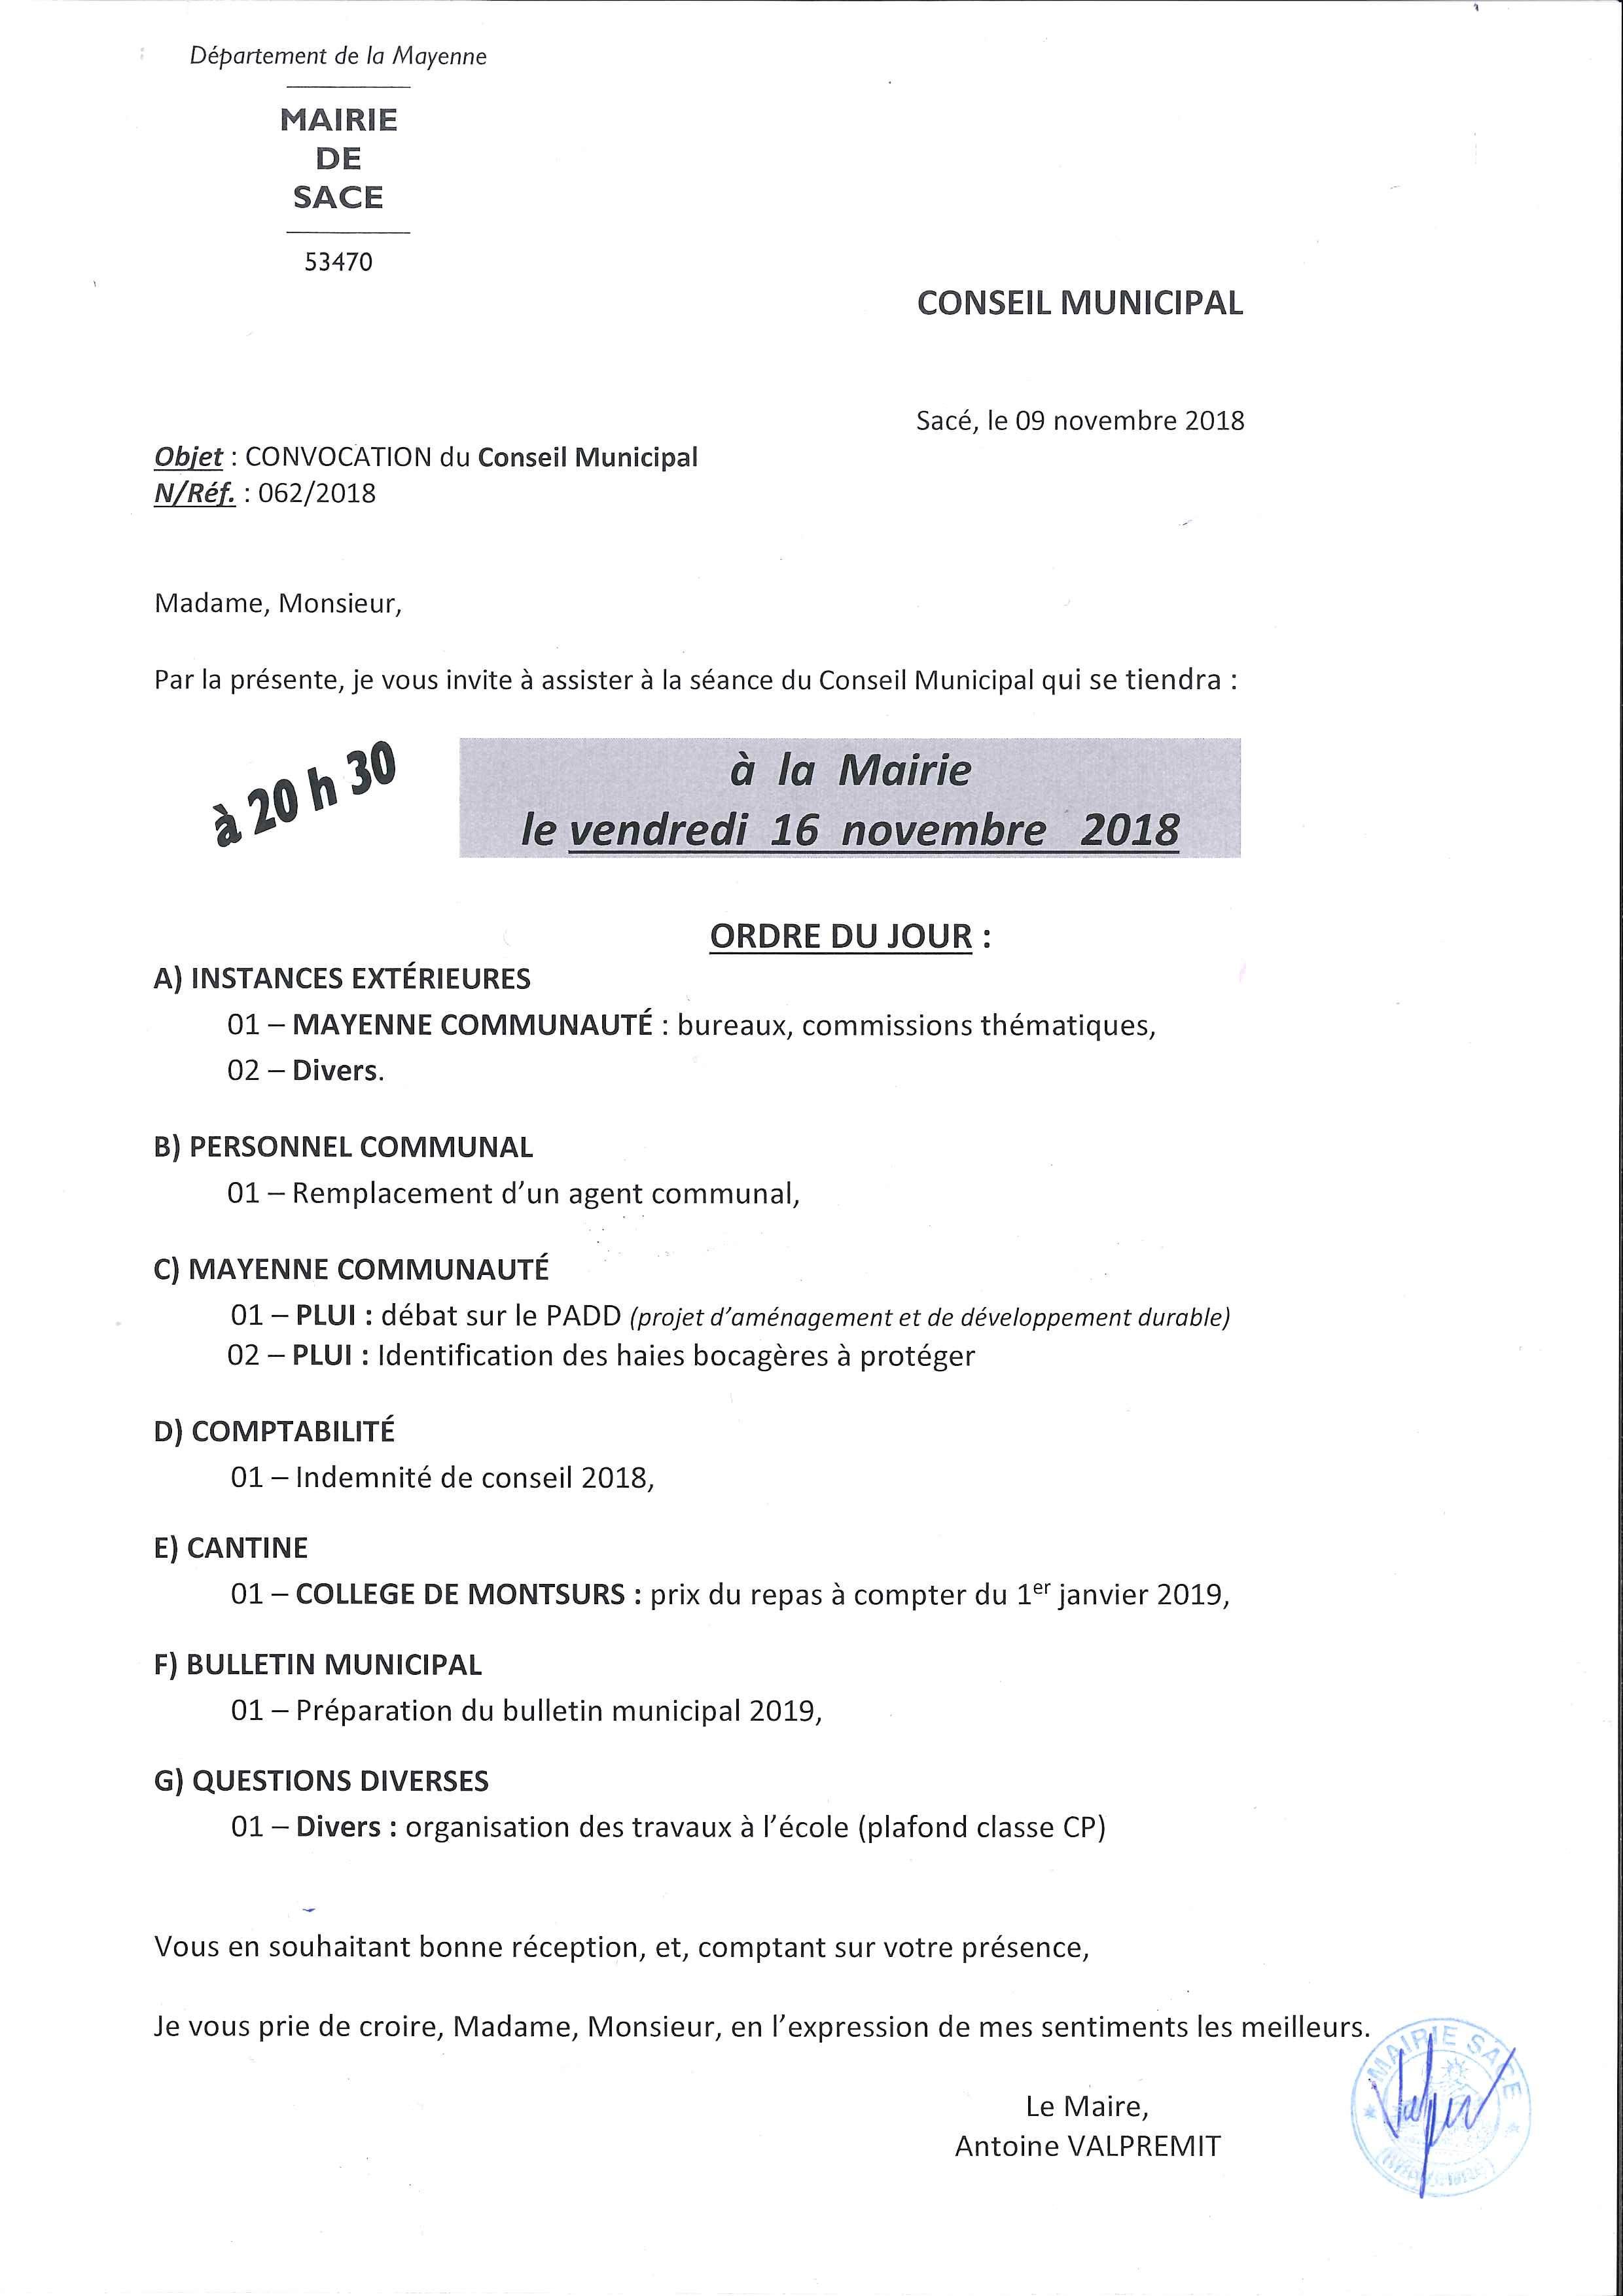 Conseil Municipal @ MAIRIE - salle du conseil municipal   Sacé   Pays de la Loire   France